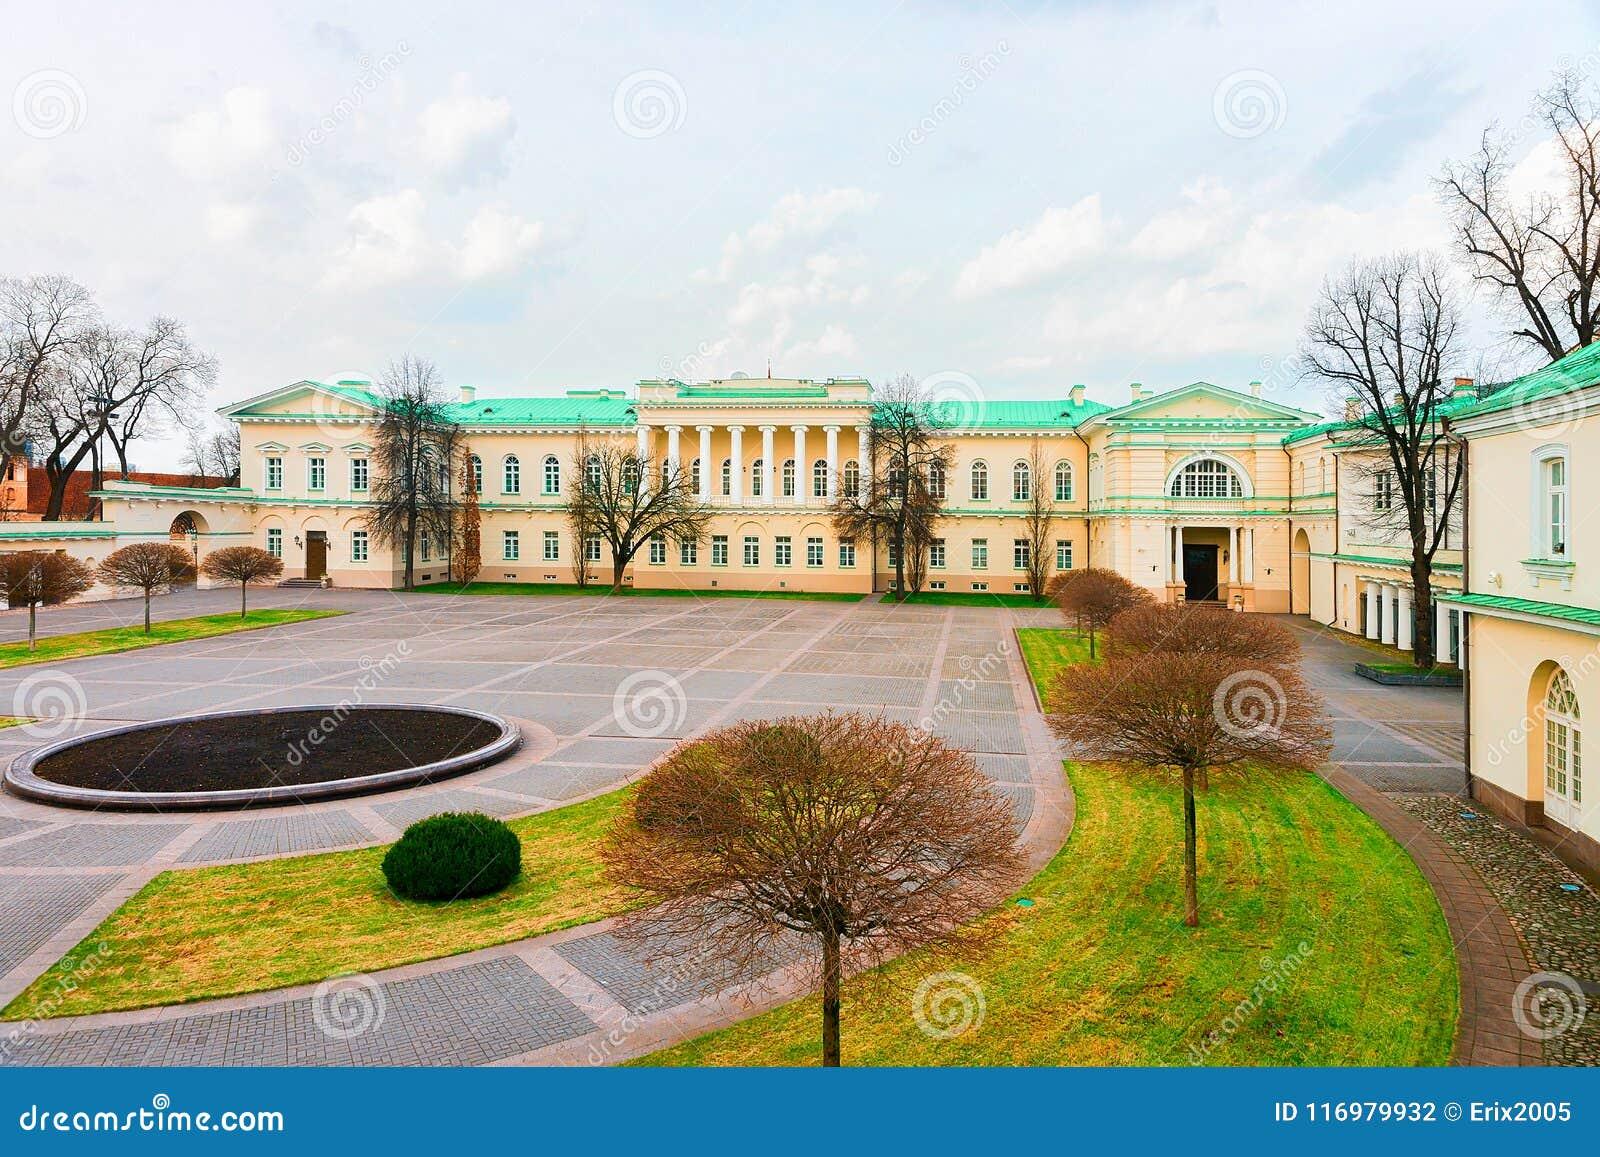 Parque en el palacio presidencial en el viejo centro de ciudad Vilna Lituania